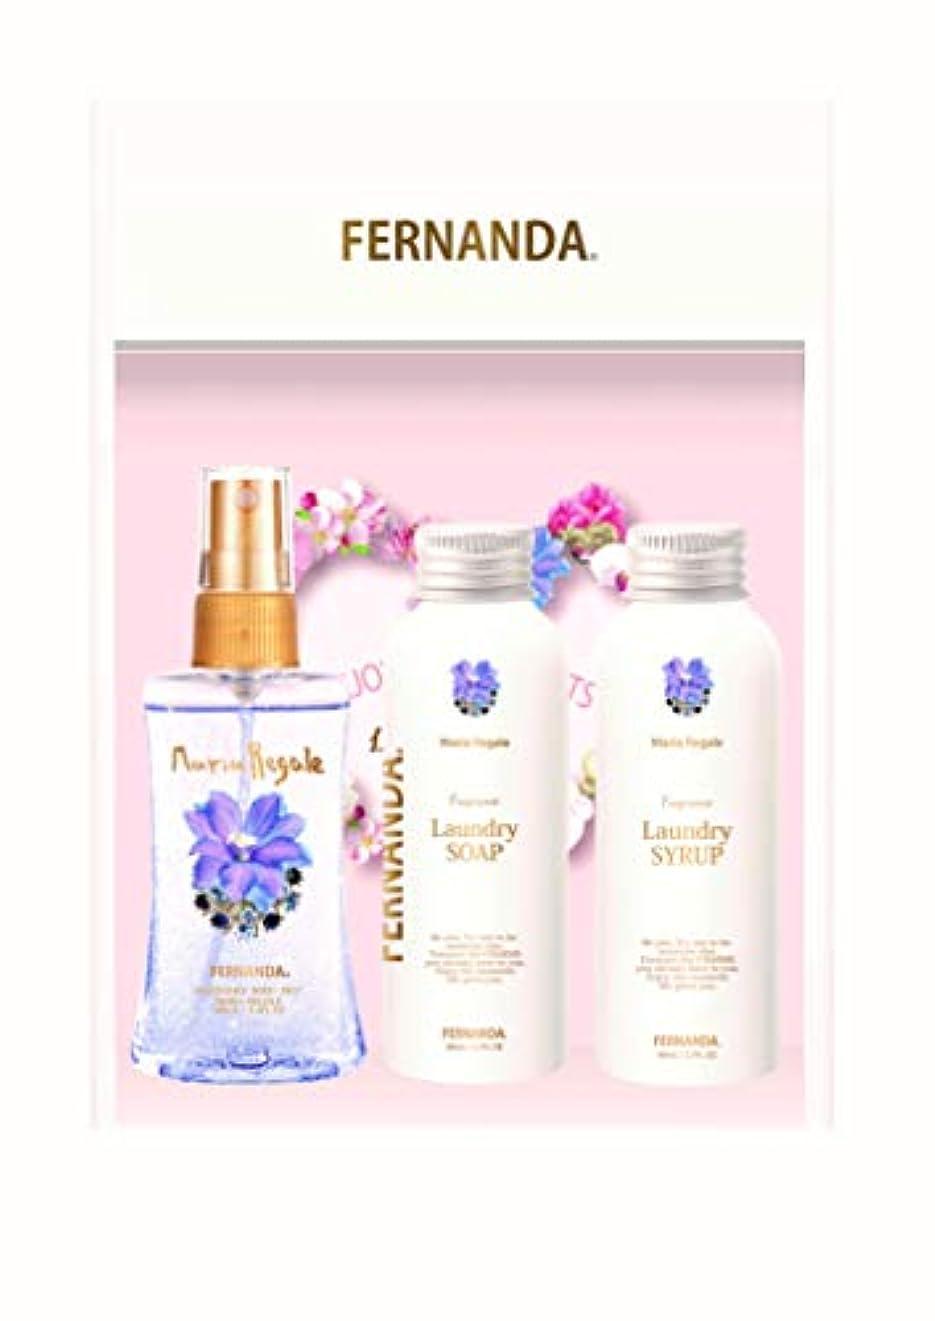 インシュレータ不均一年齢FERNANDA(フェルナンダ)Mist & Laundry Soap & Laungry Syrup Gift Set Maria Regale (ミスト&ランドリーソープ & ランドリーシロップ ギフトセット マリアリゲル)